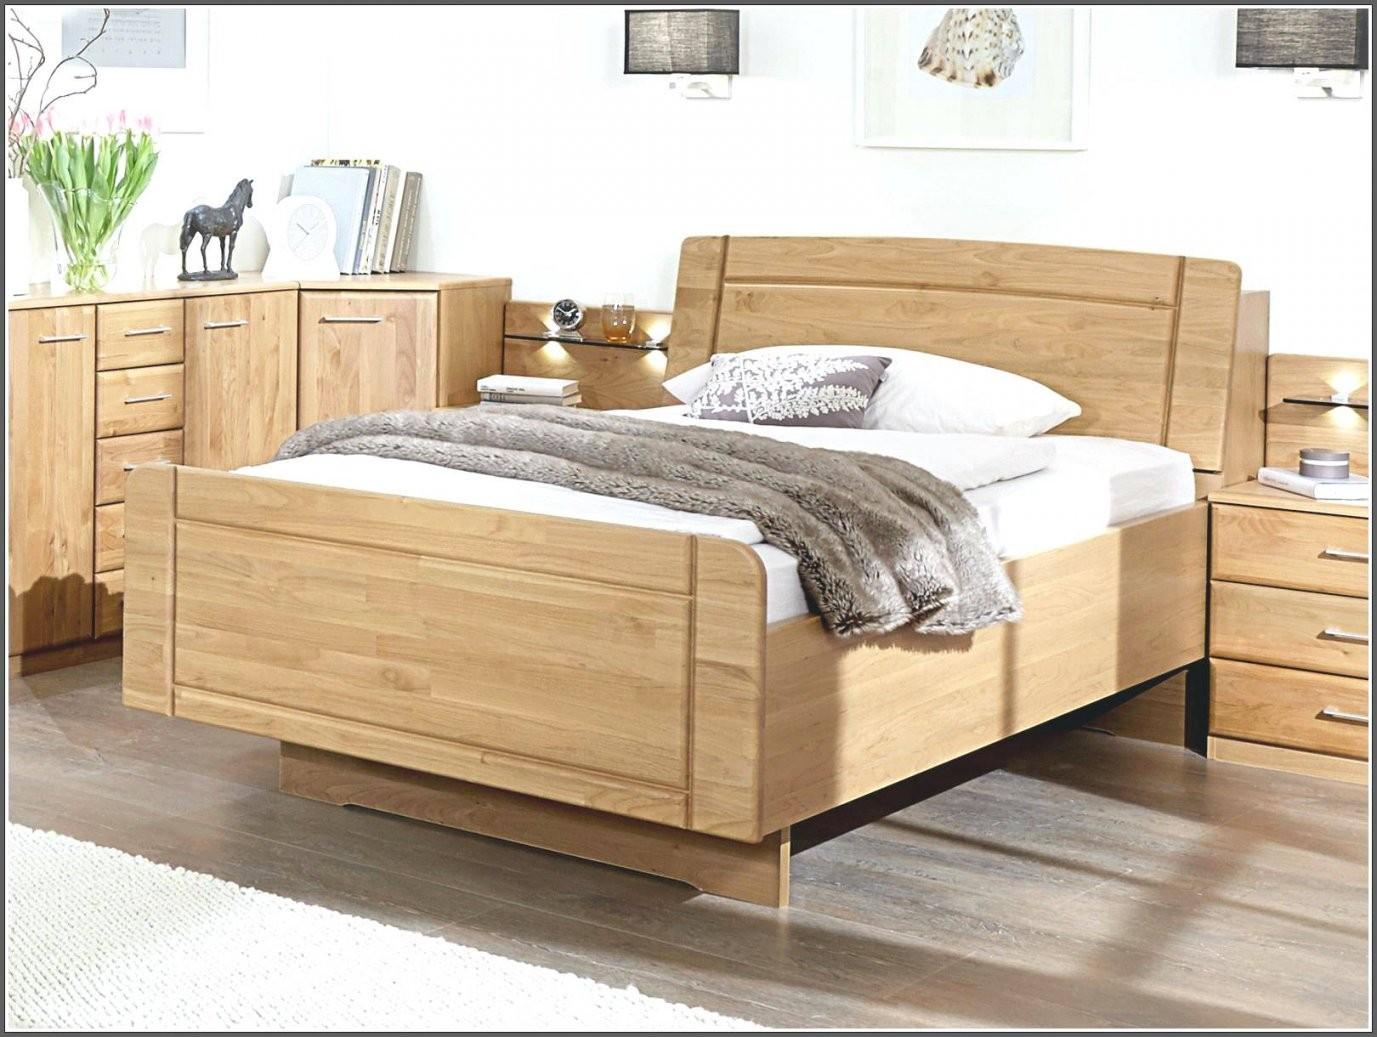 Bett 120—200 Ikea 120 Cm Breit Betten House Und Dekor Galerie Von von Bett 120 Cm Breit Ikea Photo